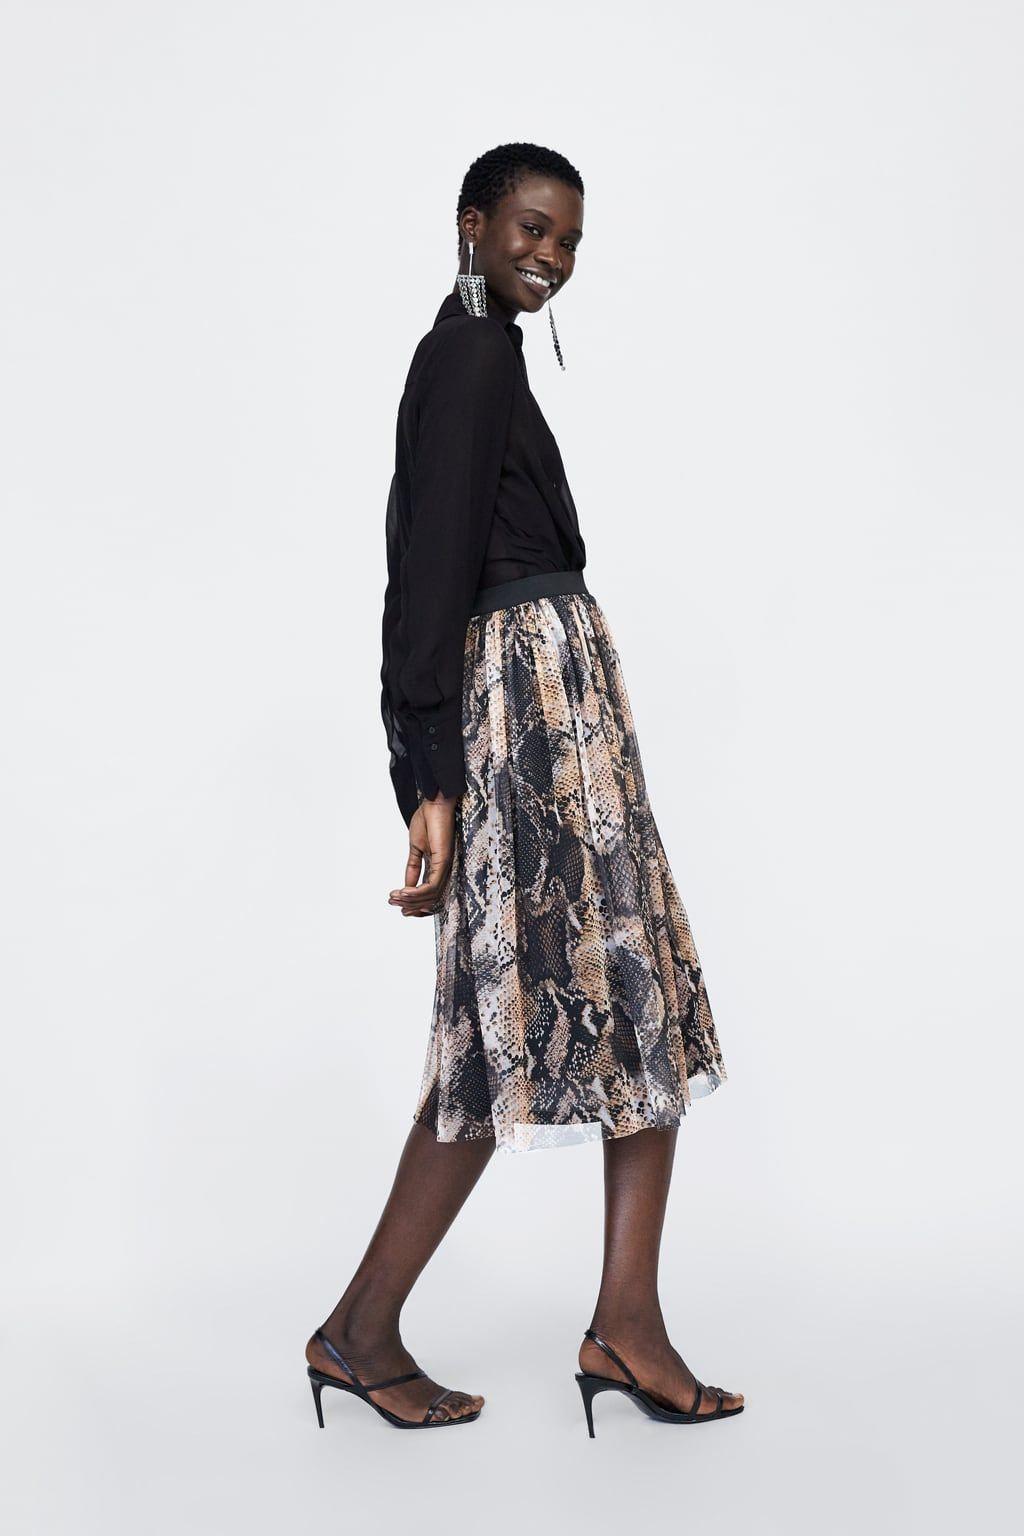 7c6f18c1b9 Image 6 of SNAKESKIN PRINT SKIRT from Zara | shopping in 2019 ...